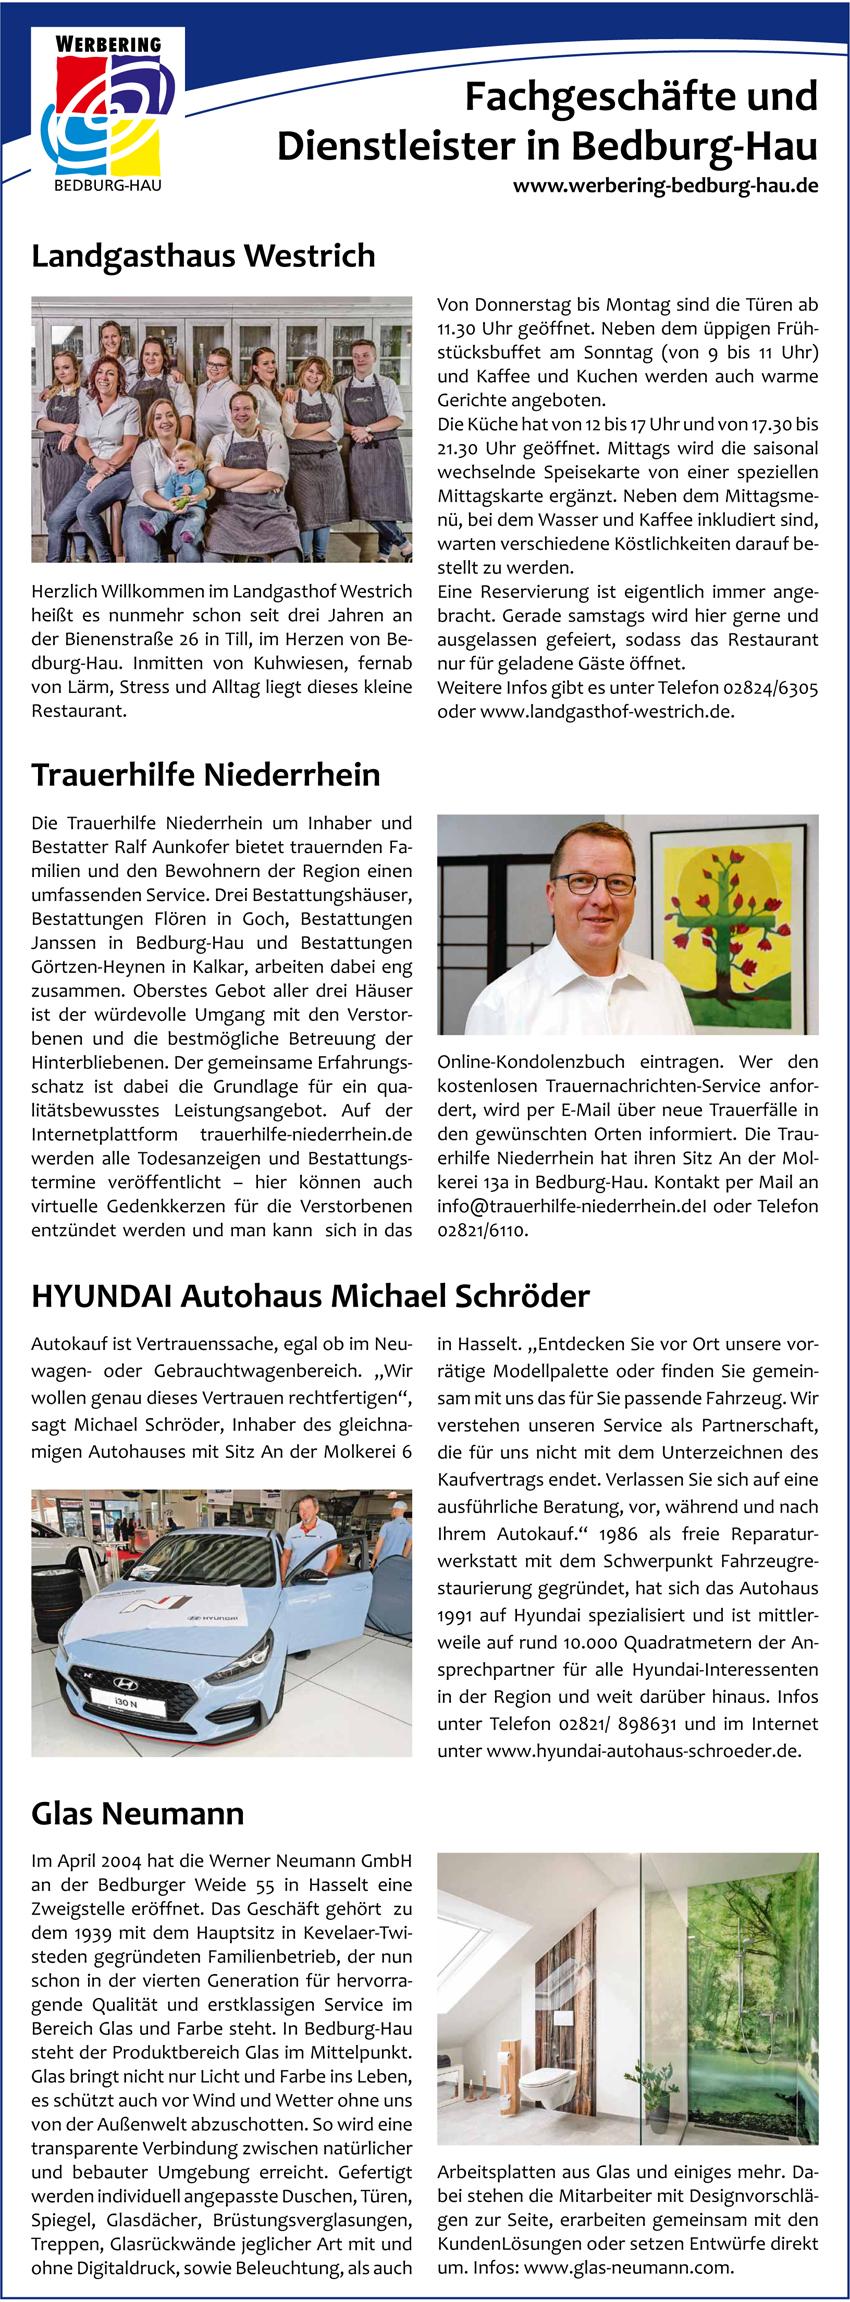 Landgasthaus Westrich, Trauerhilfe Niederrhein, Autohaus Schröder und Glas Neumann sind vier von über 80 erfolgreichen Unternehmen des Werbering Bedburg-Hau.